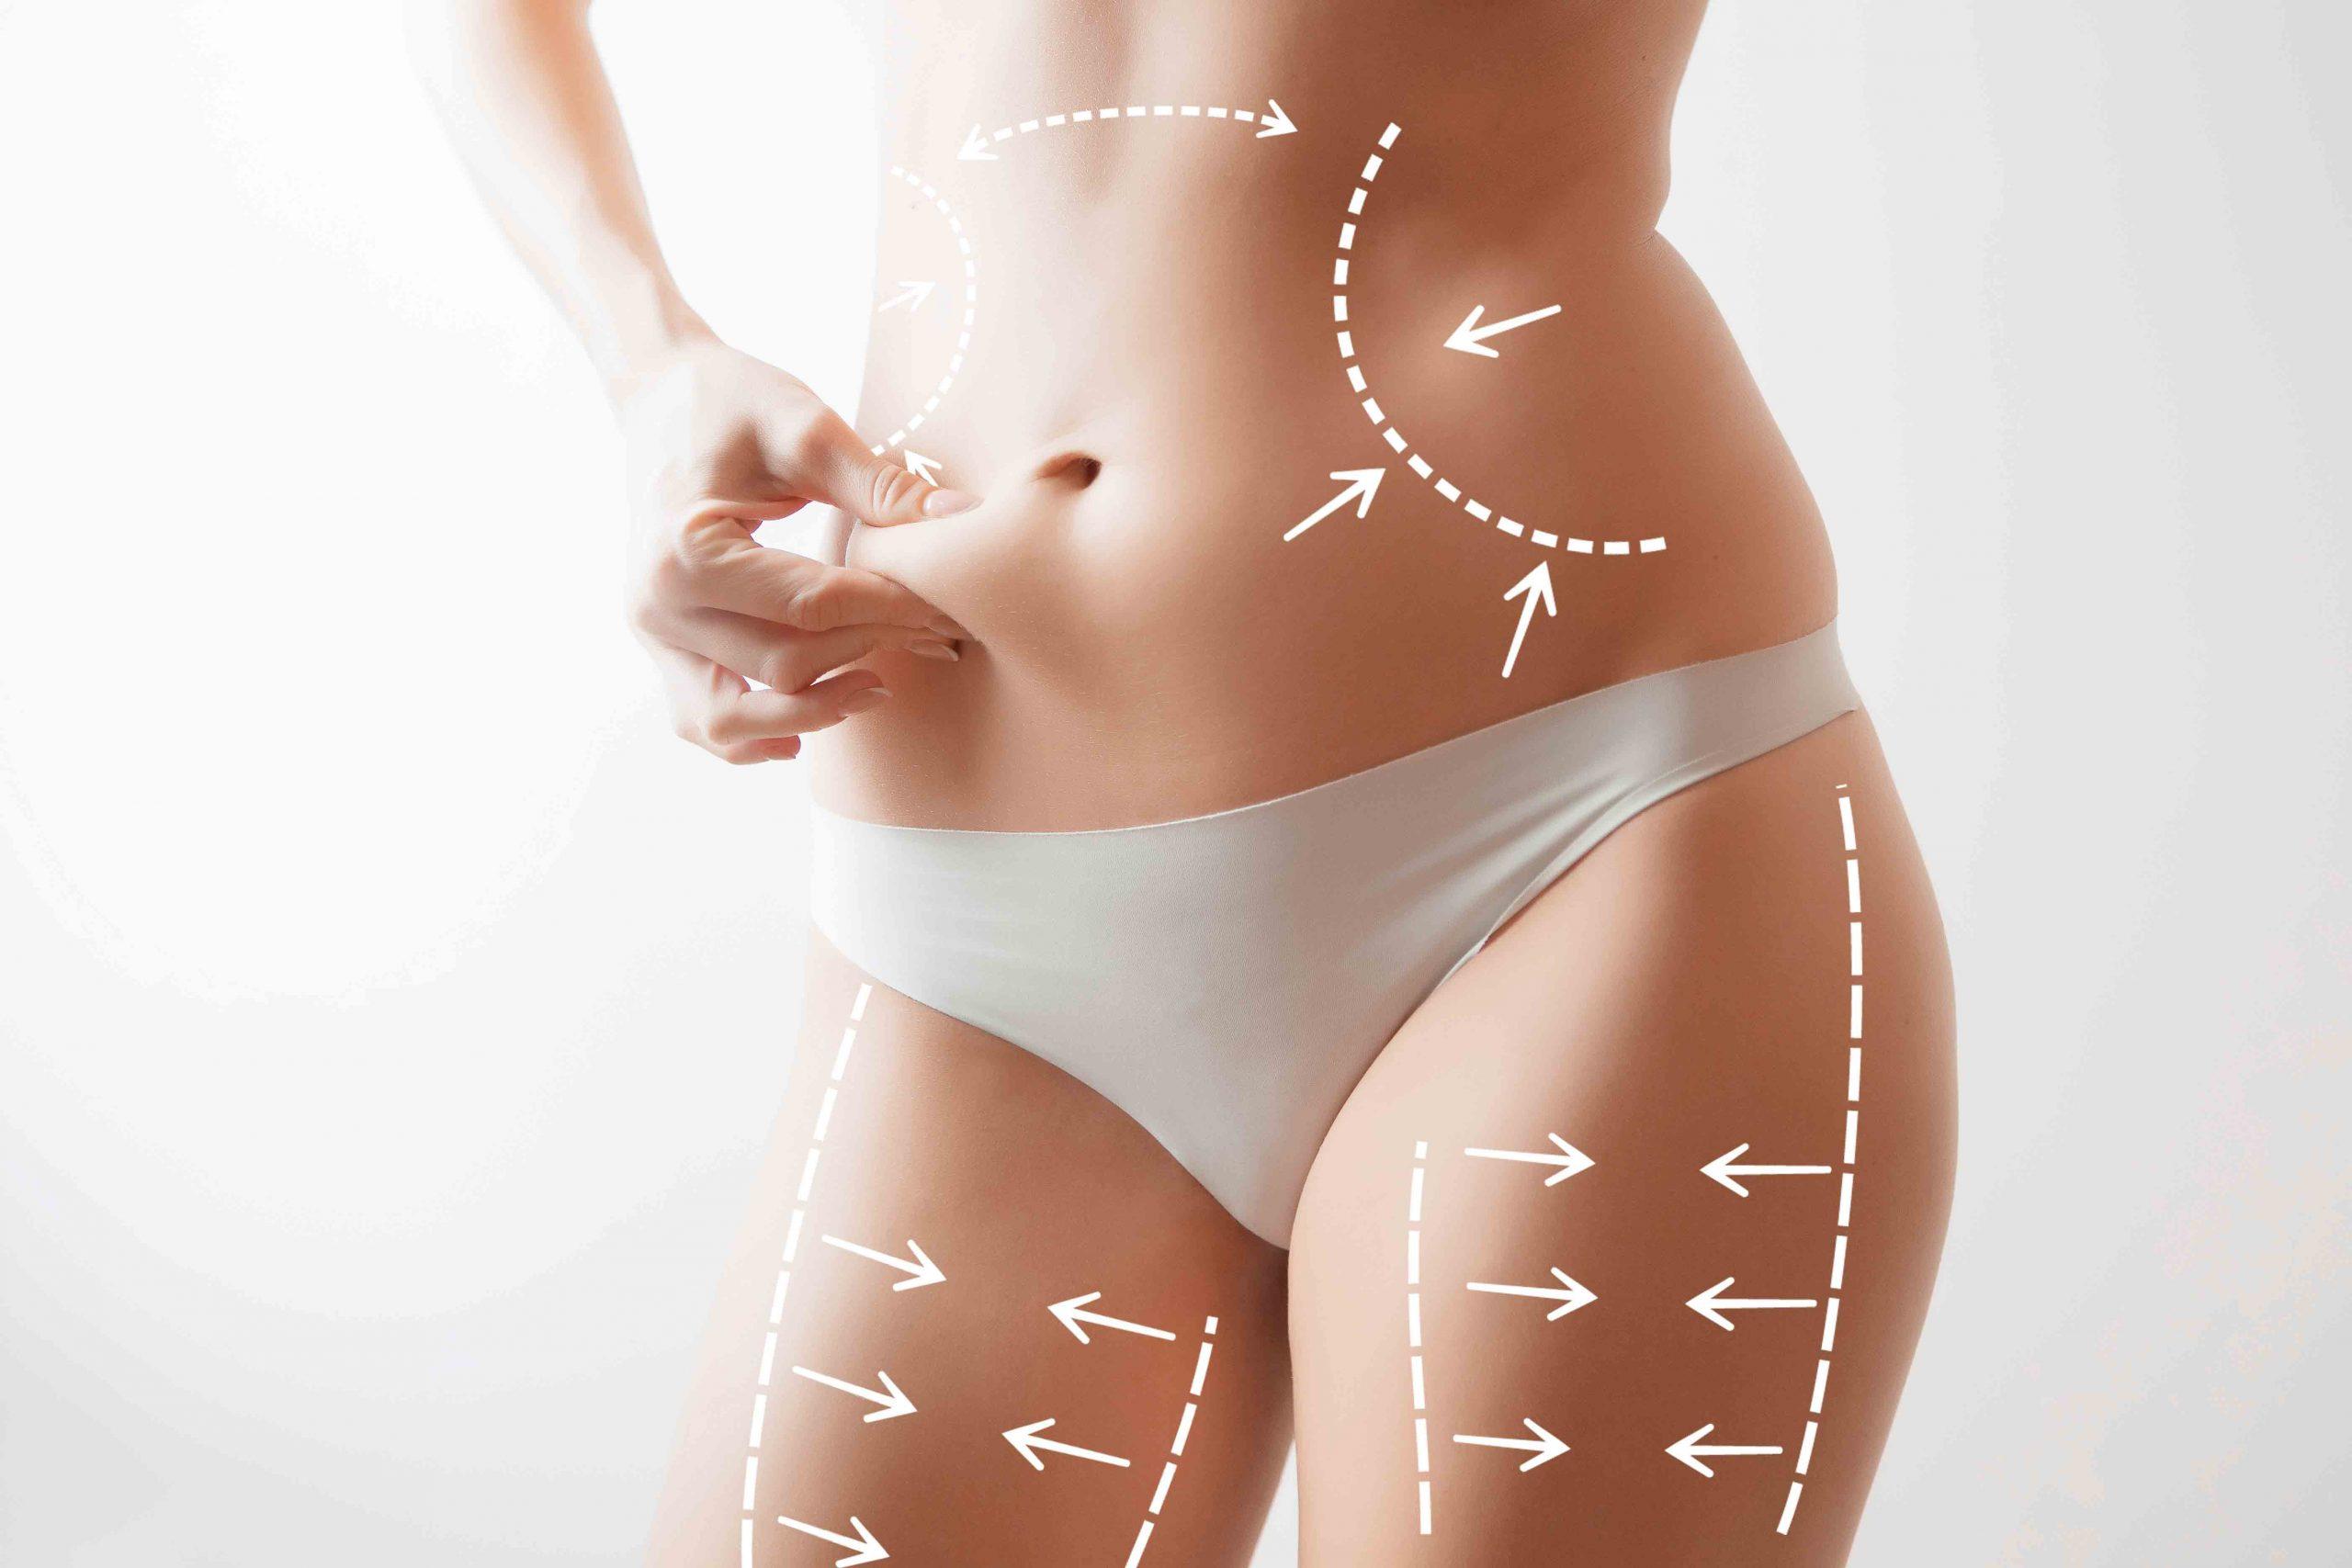 Fettabsaugung (Liposuction) - effektiv, schmerzfrei I Dr. Zierhofer-Tonar, 1010 Wien